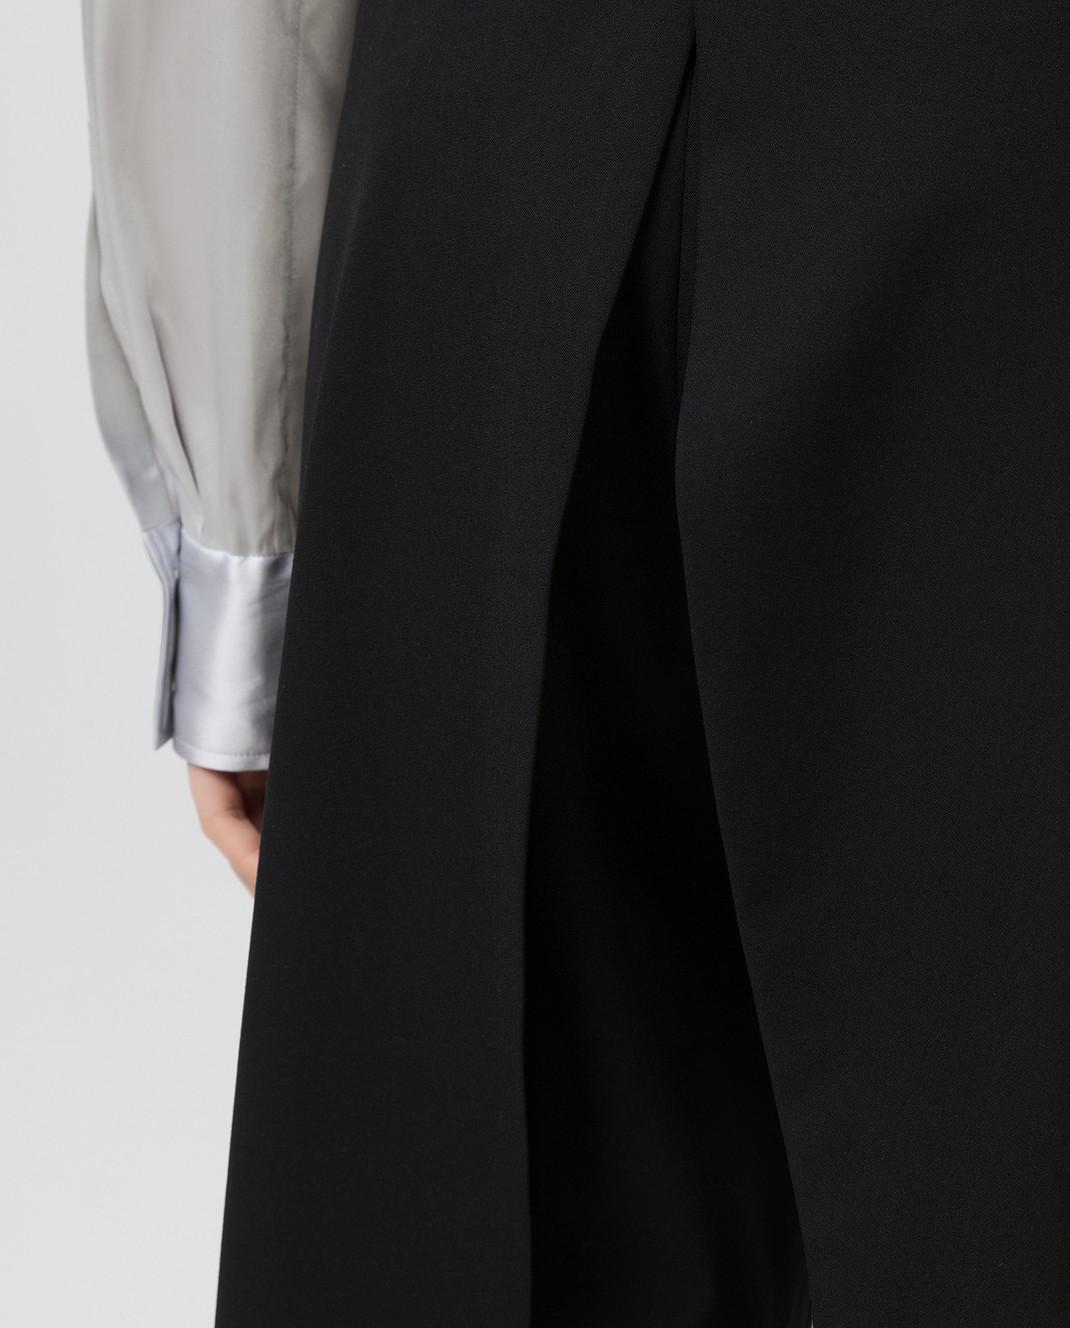 Zac Posen Черные брюки 29431753 изображение 5